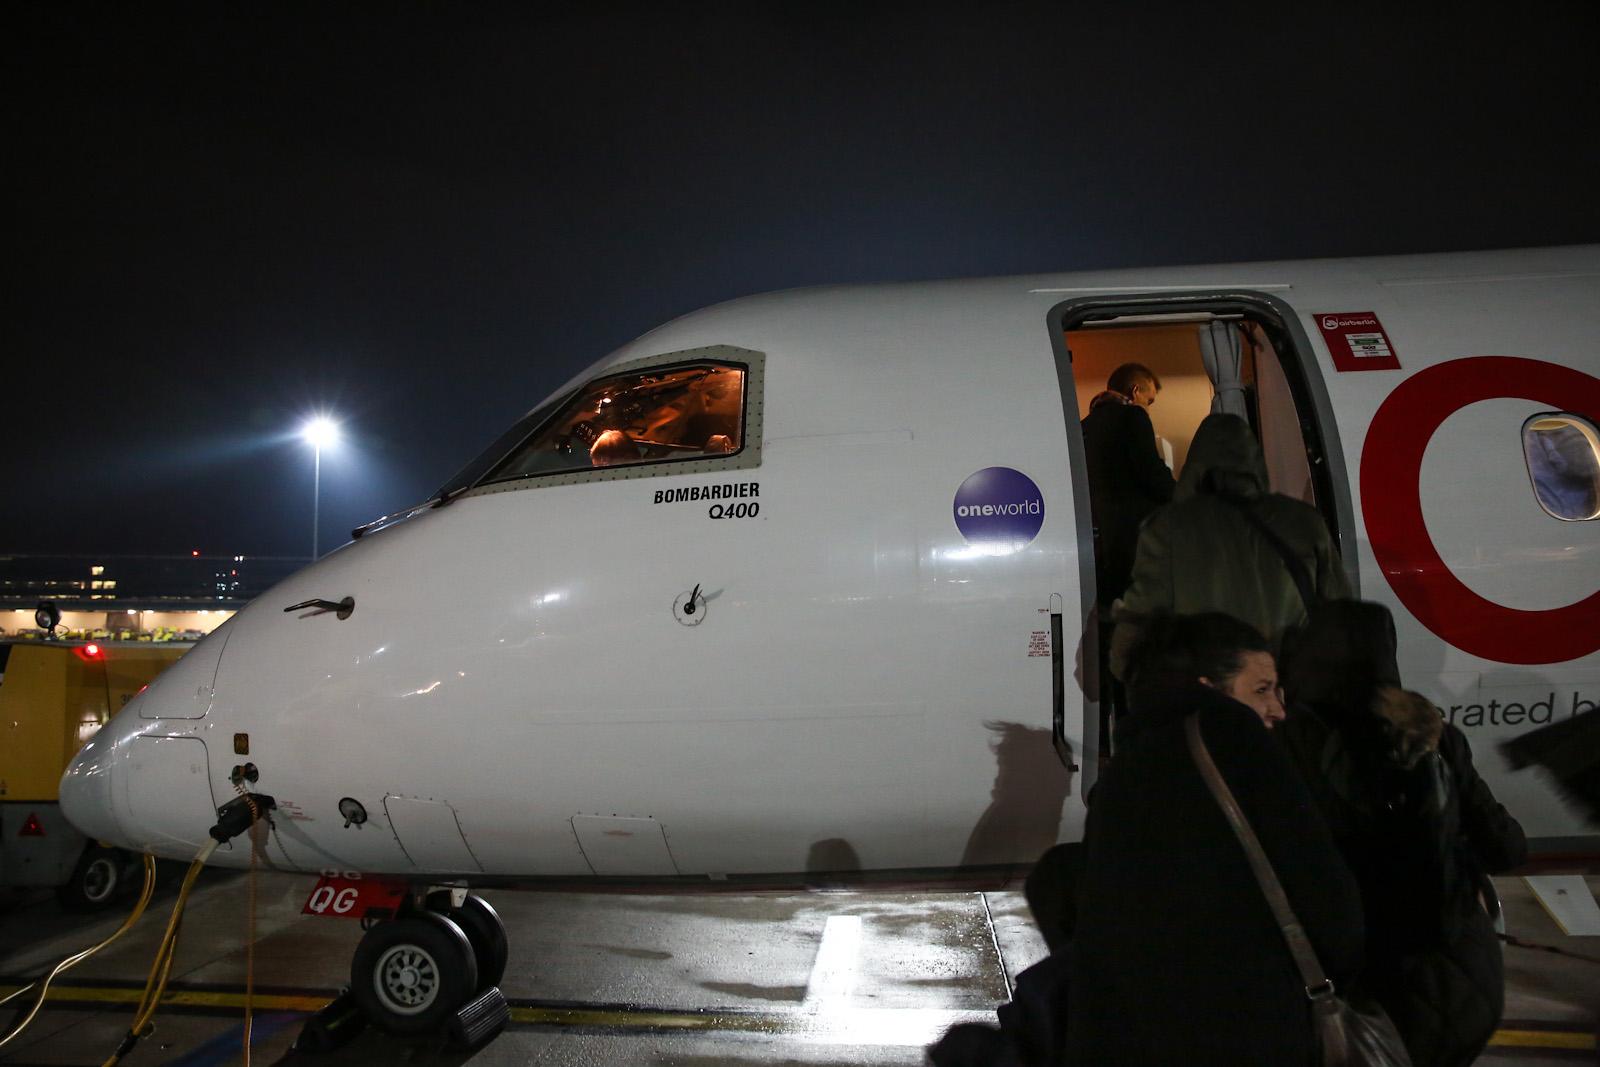 Посадка в самолет авиакомпании LGW, выполняющий полет по программе airberlin